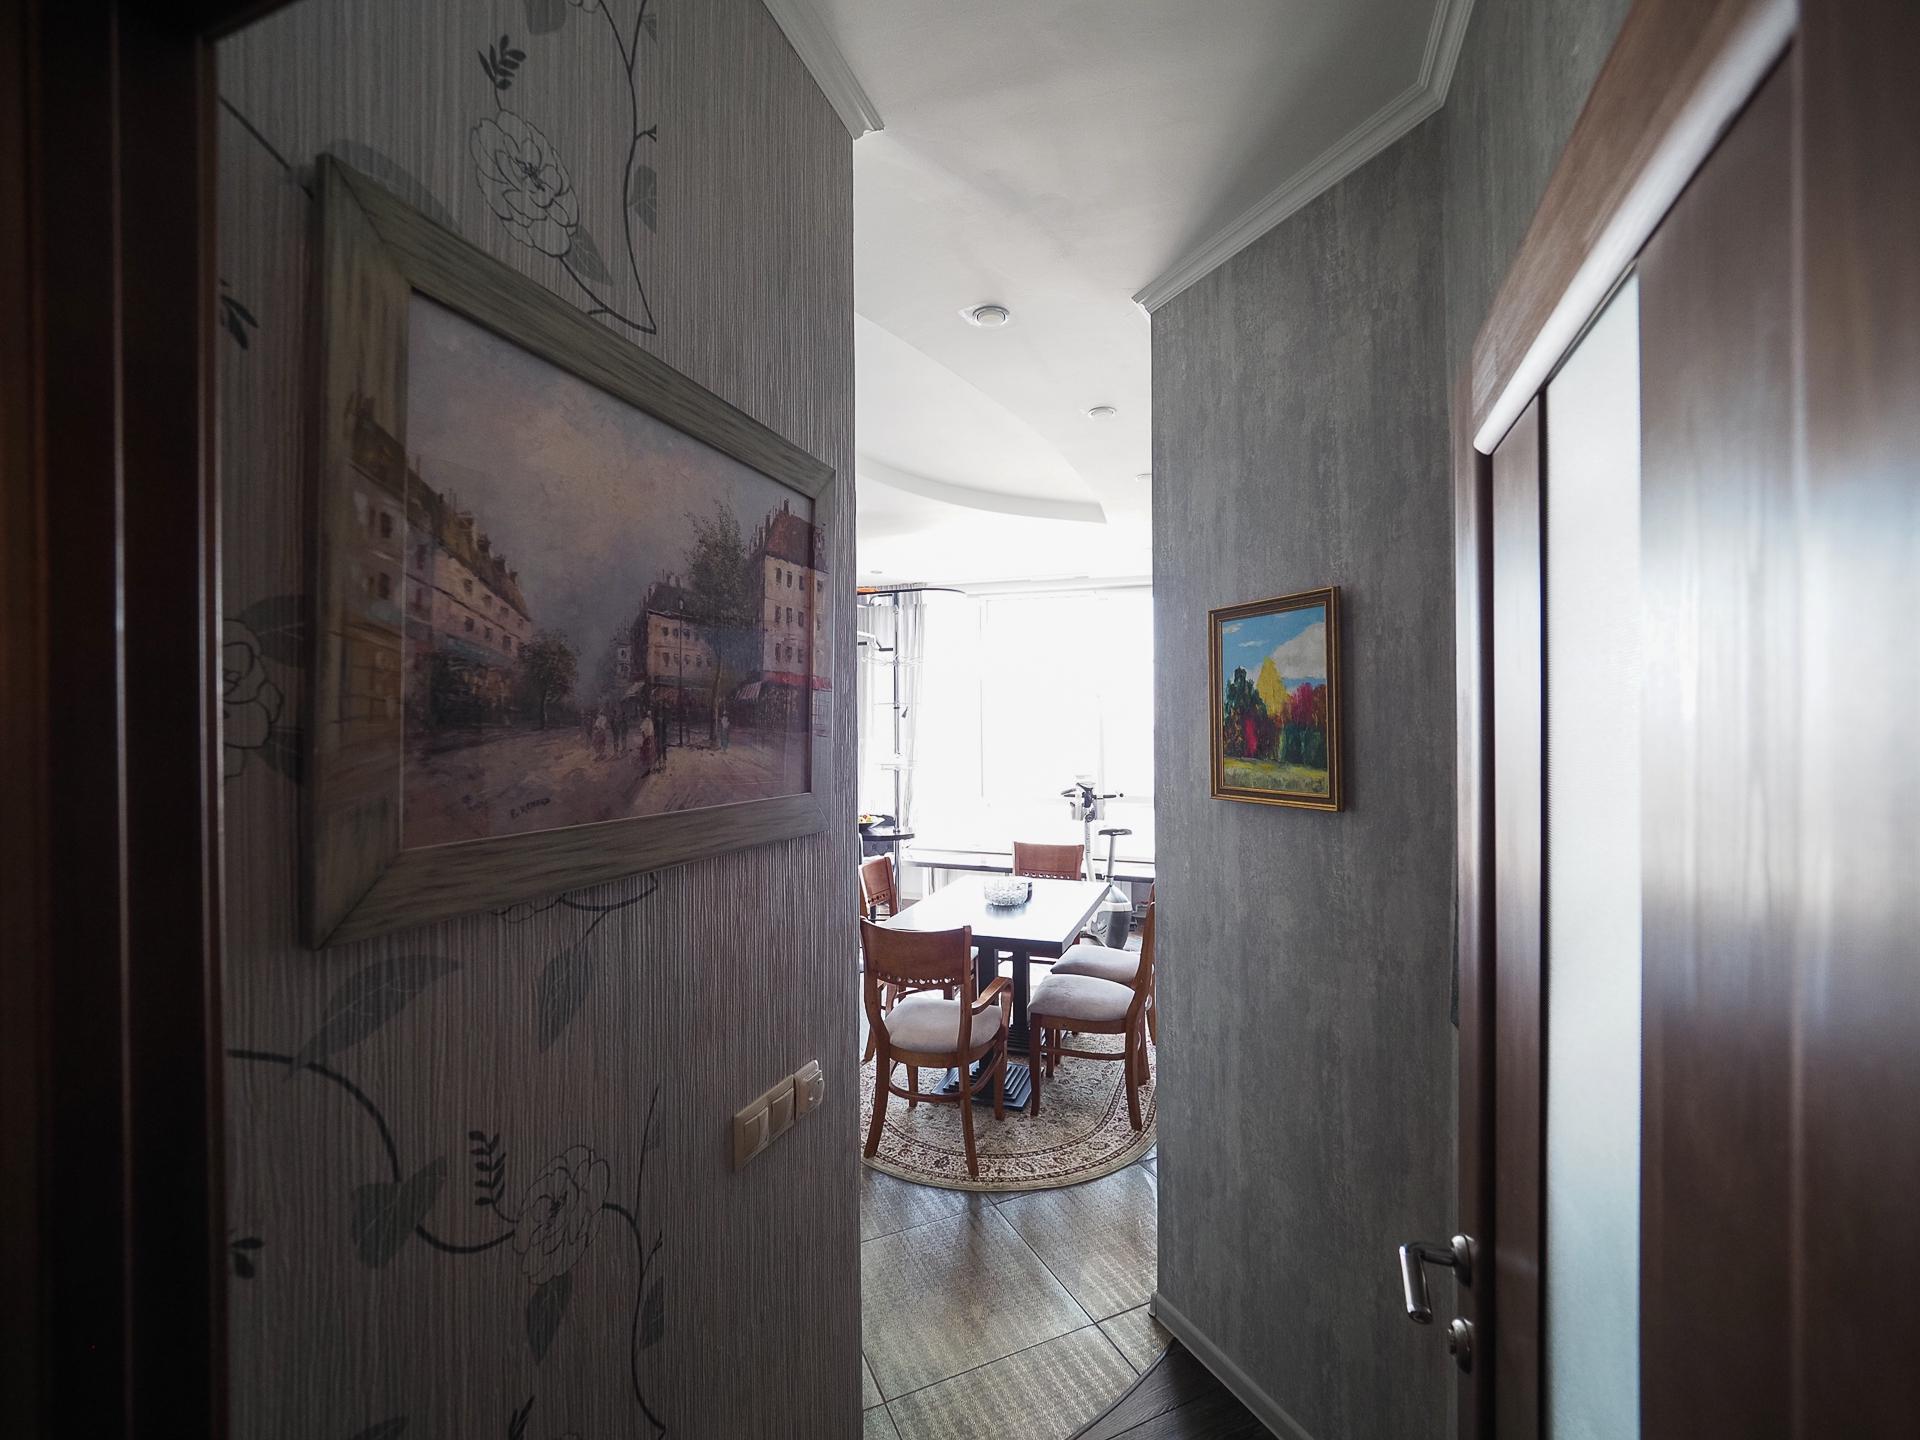 видовая квартира 22 этаж 100 Кв м 25